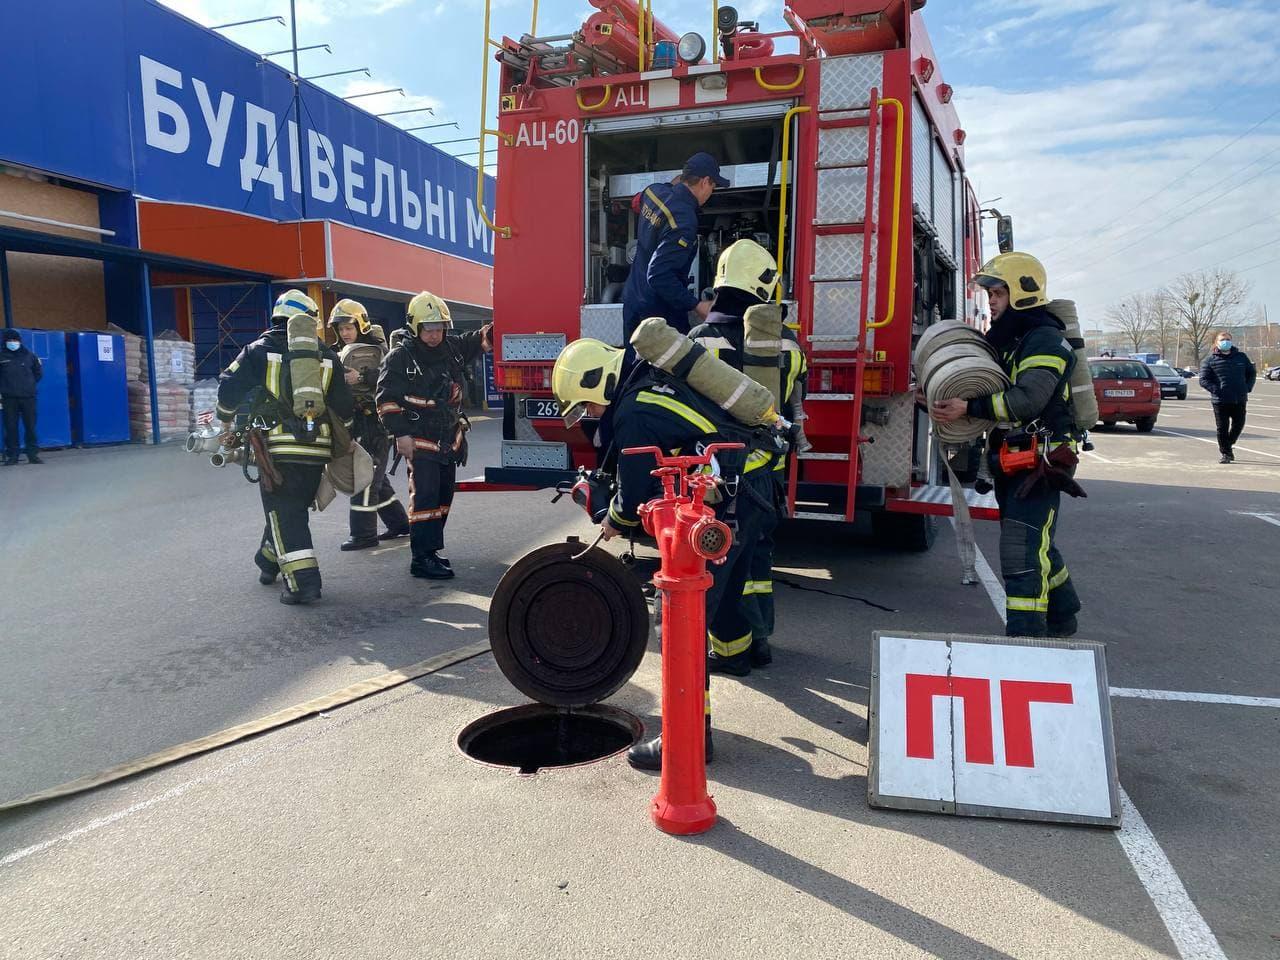 У Луцьку рятувальники тренувалися гасити пожежі в одному з найбільших будівельних гіпермаркетів